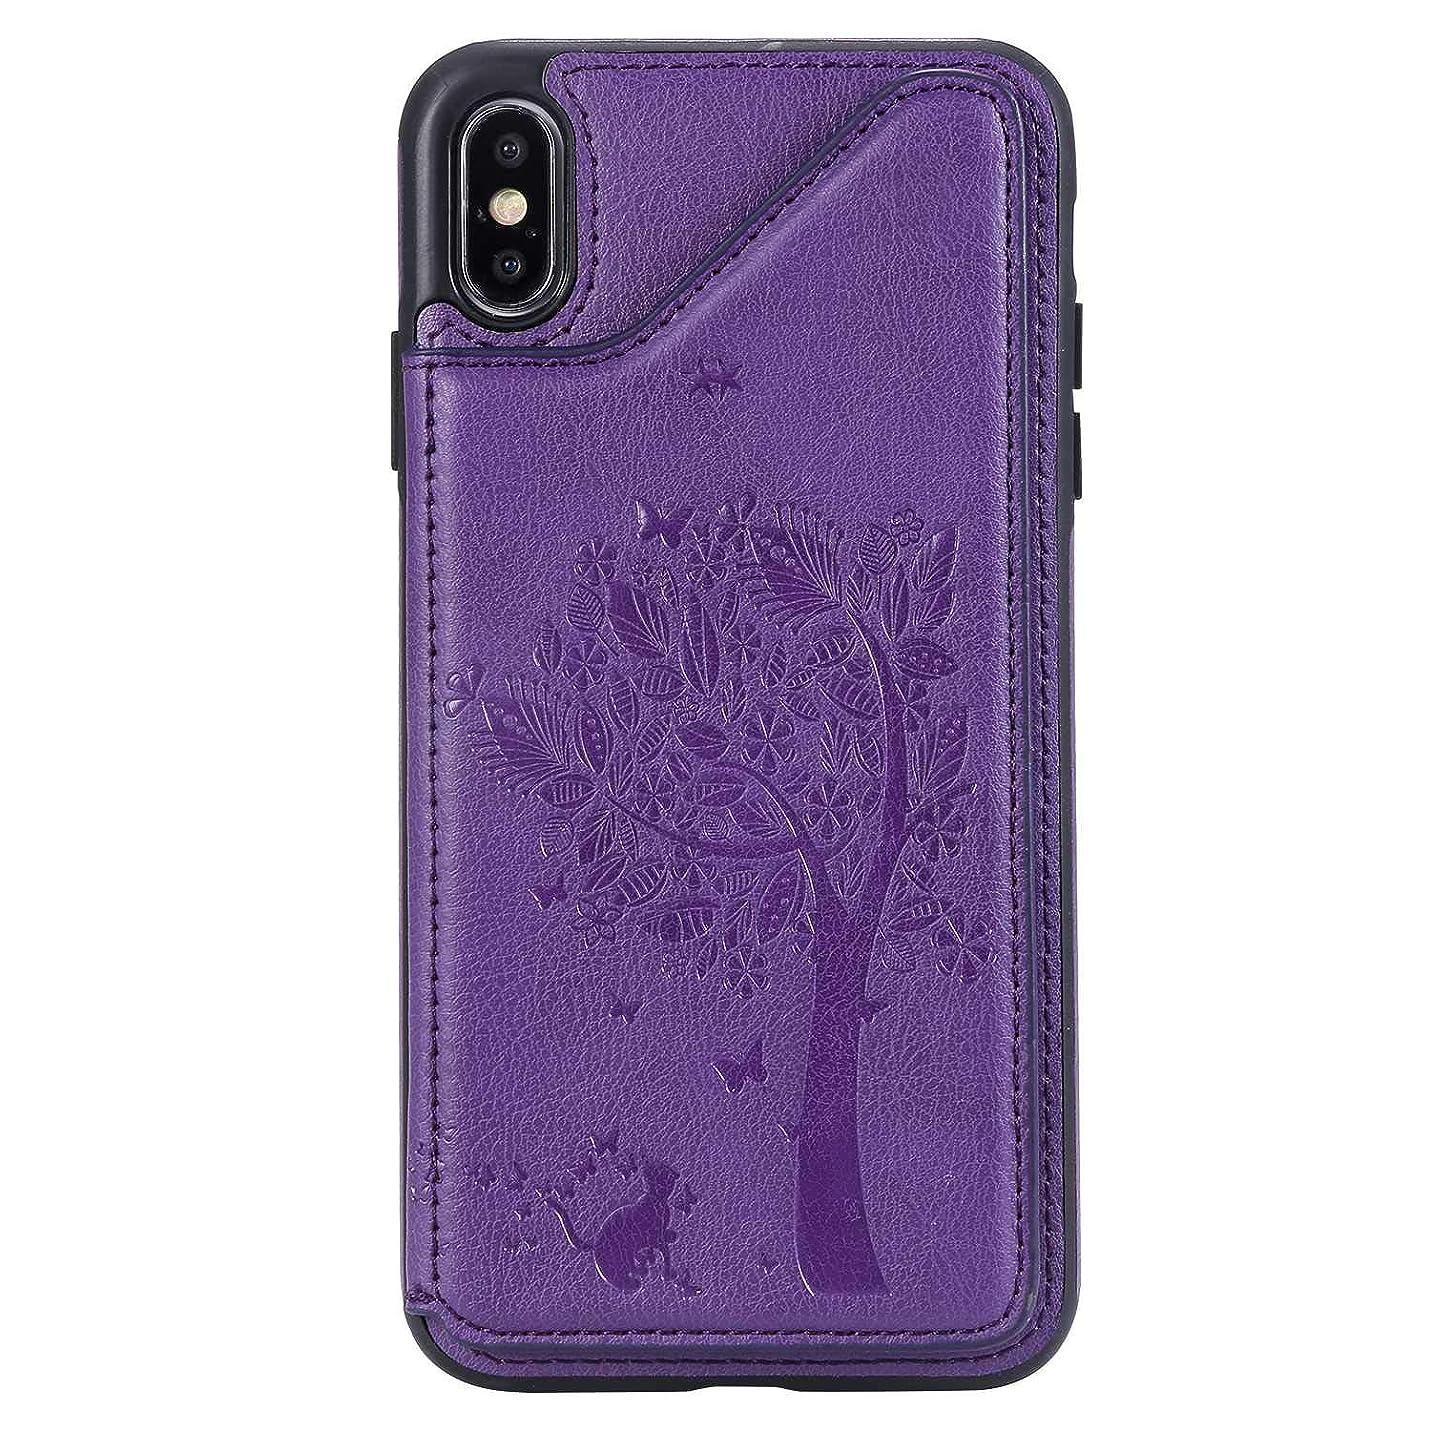 部門羊のマイクロプロセッサiPhone XS Max ケース, CUSKING PUレザー 保護ケース Apple iPhone XS Max 対応, 新品 高級 滑り防止 耐摩擦 カバー カード収納 付き, パープル